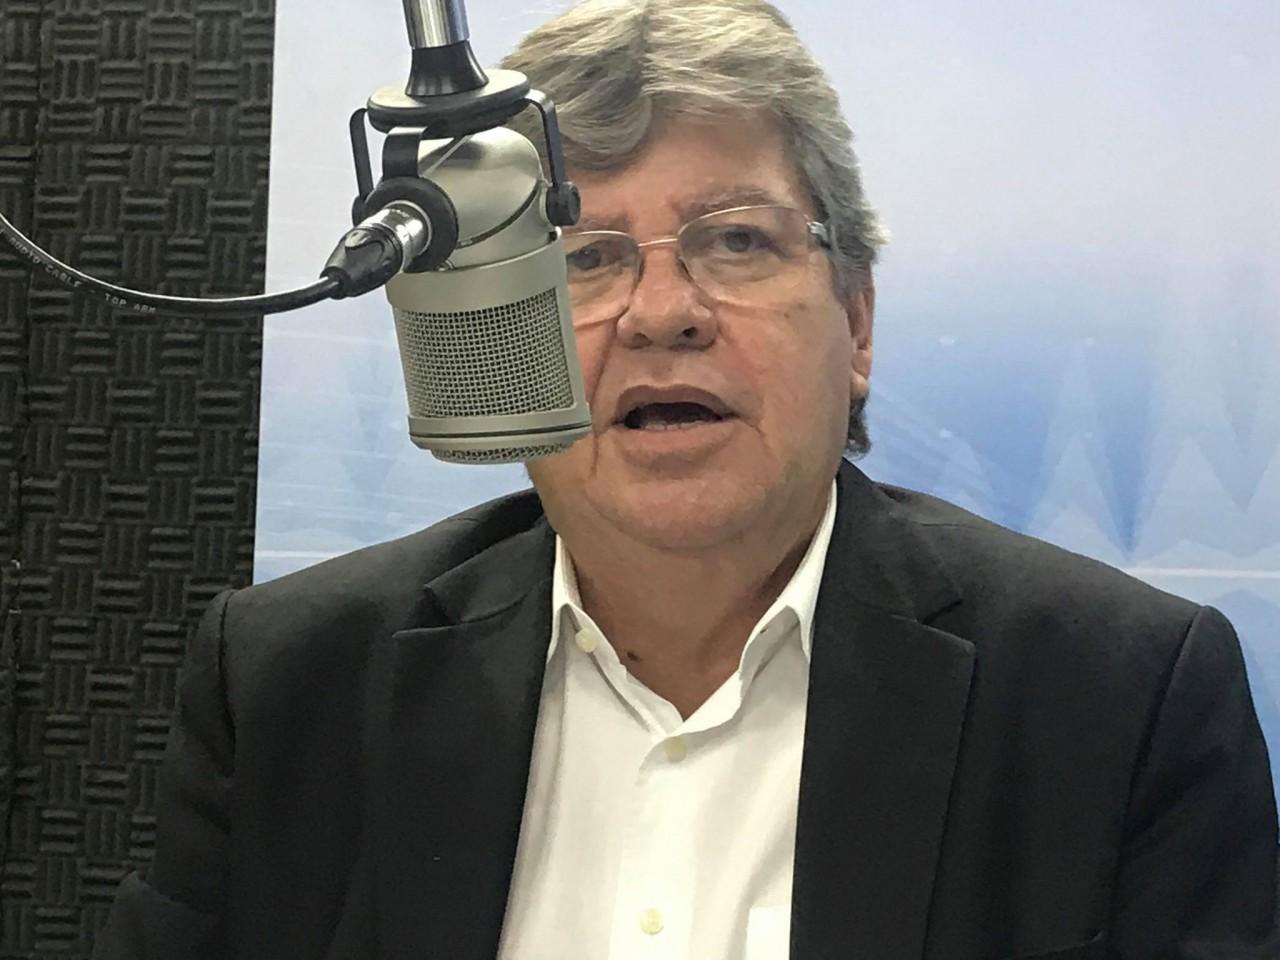 43717564 109512846622651 239647522870525952 n - VEJA VÍDEO: João Azevedo revela parte dos secretários do atual governo serão aproveitados